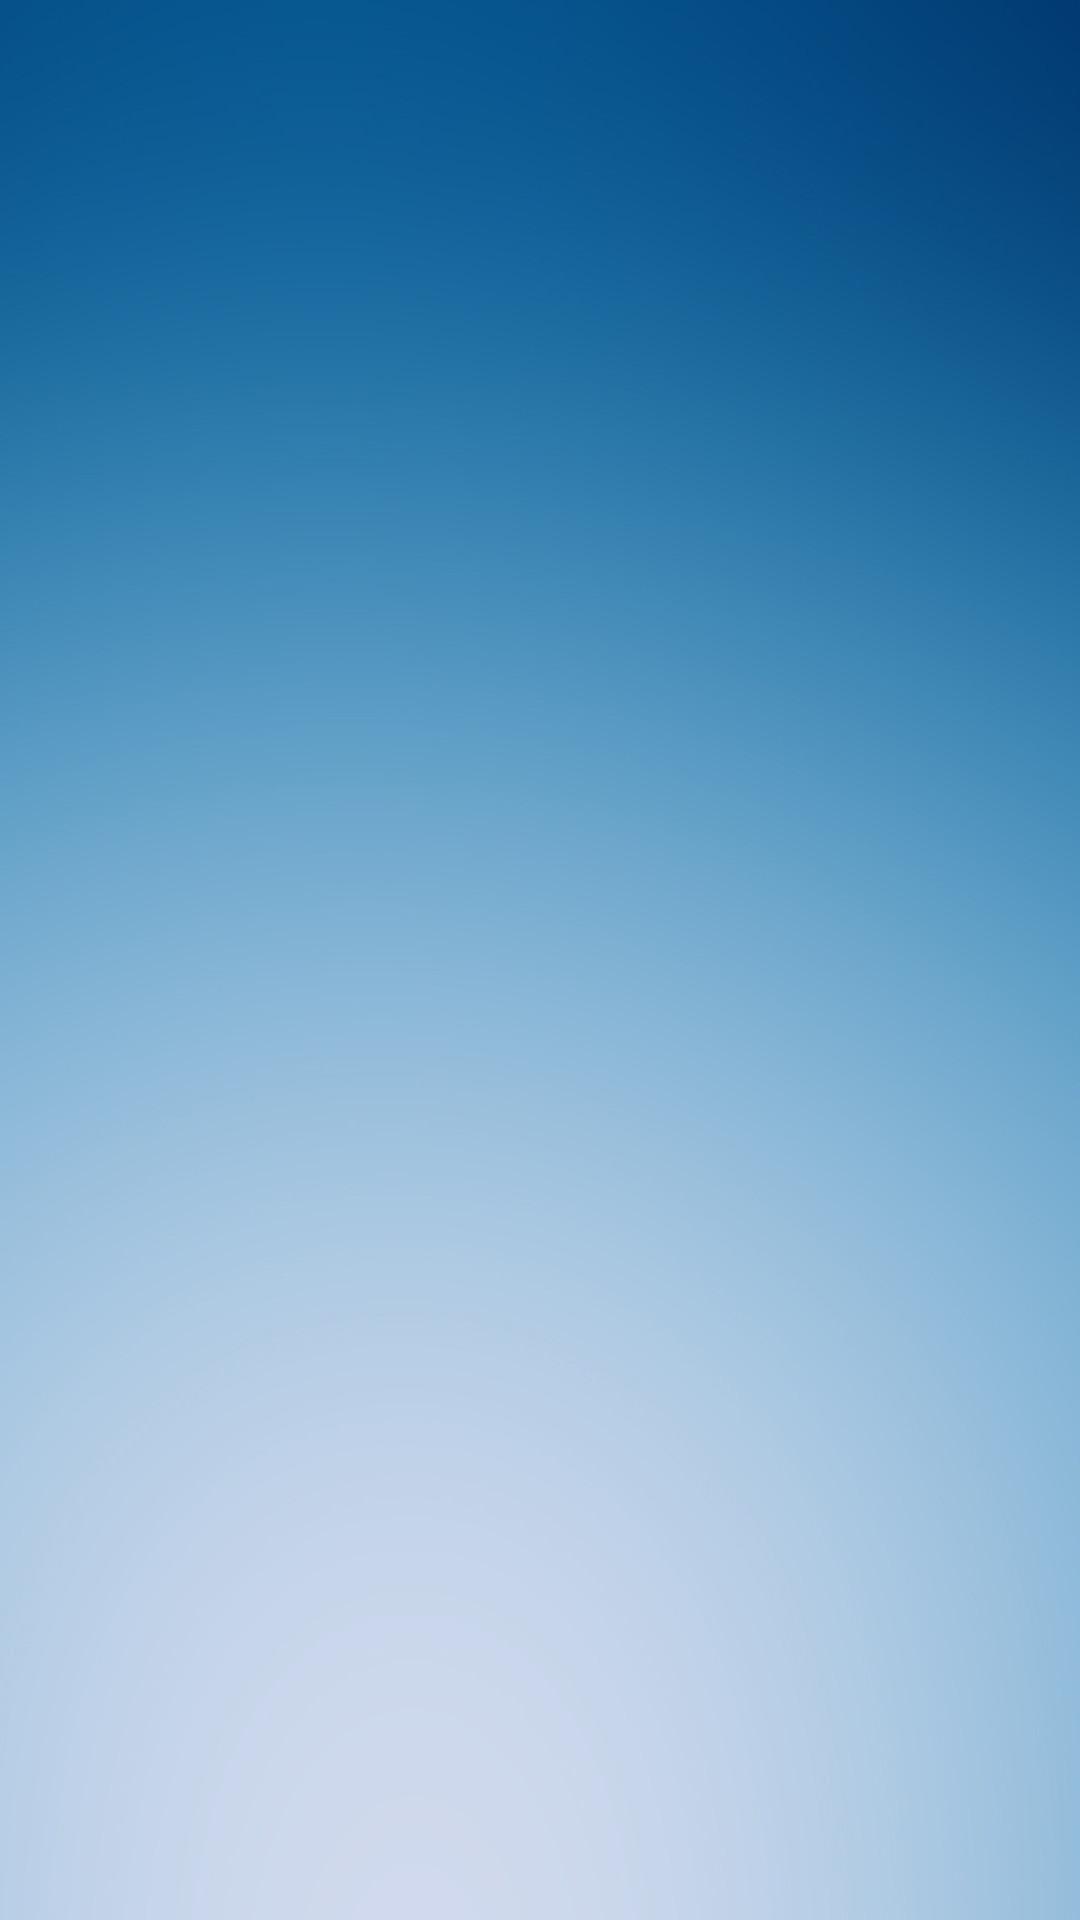 Download: Top 30 Wallpaper iPhone 6S Plus